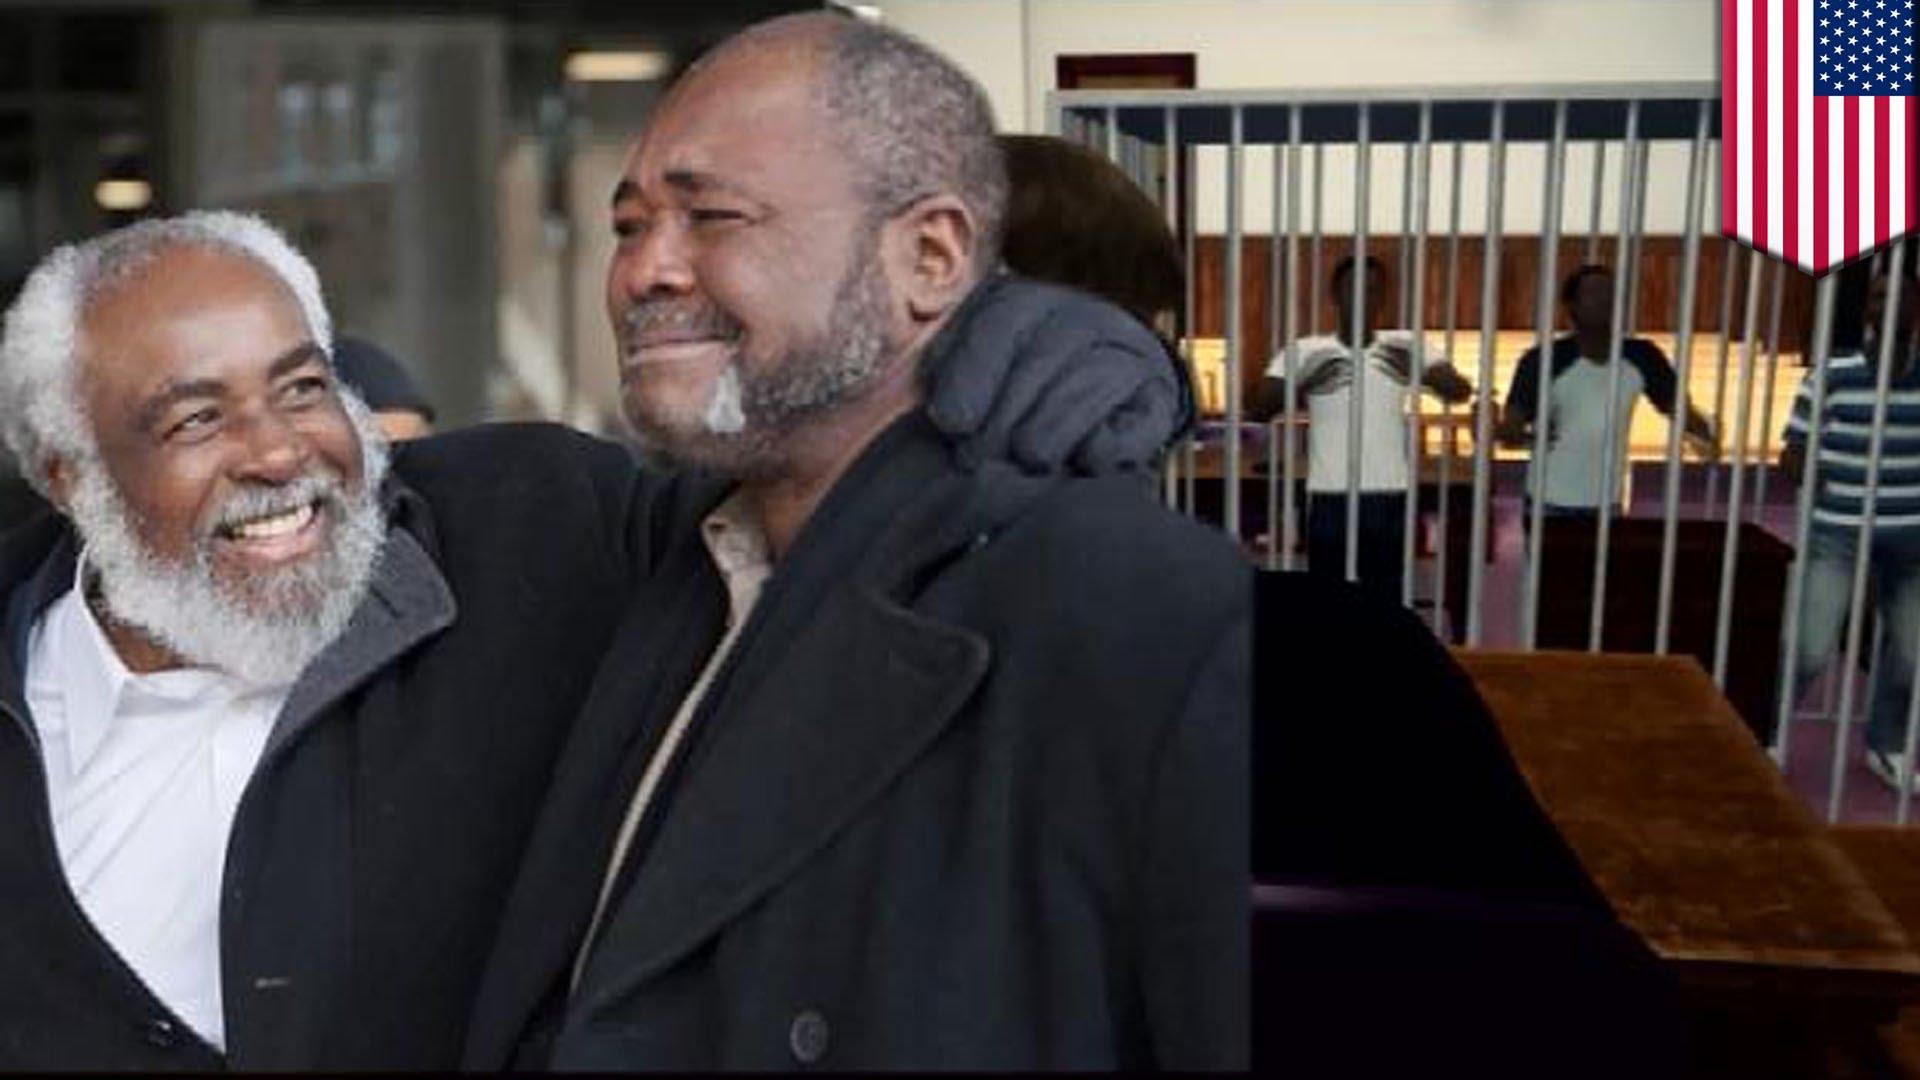 嘘の証言で39年間も服役…冤罪の男性2人釈放